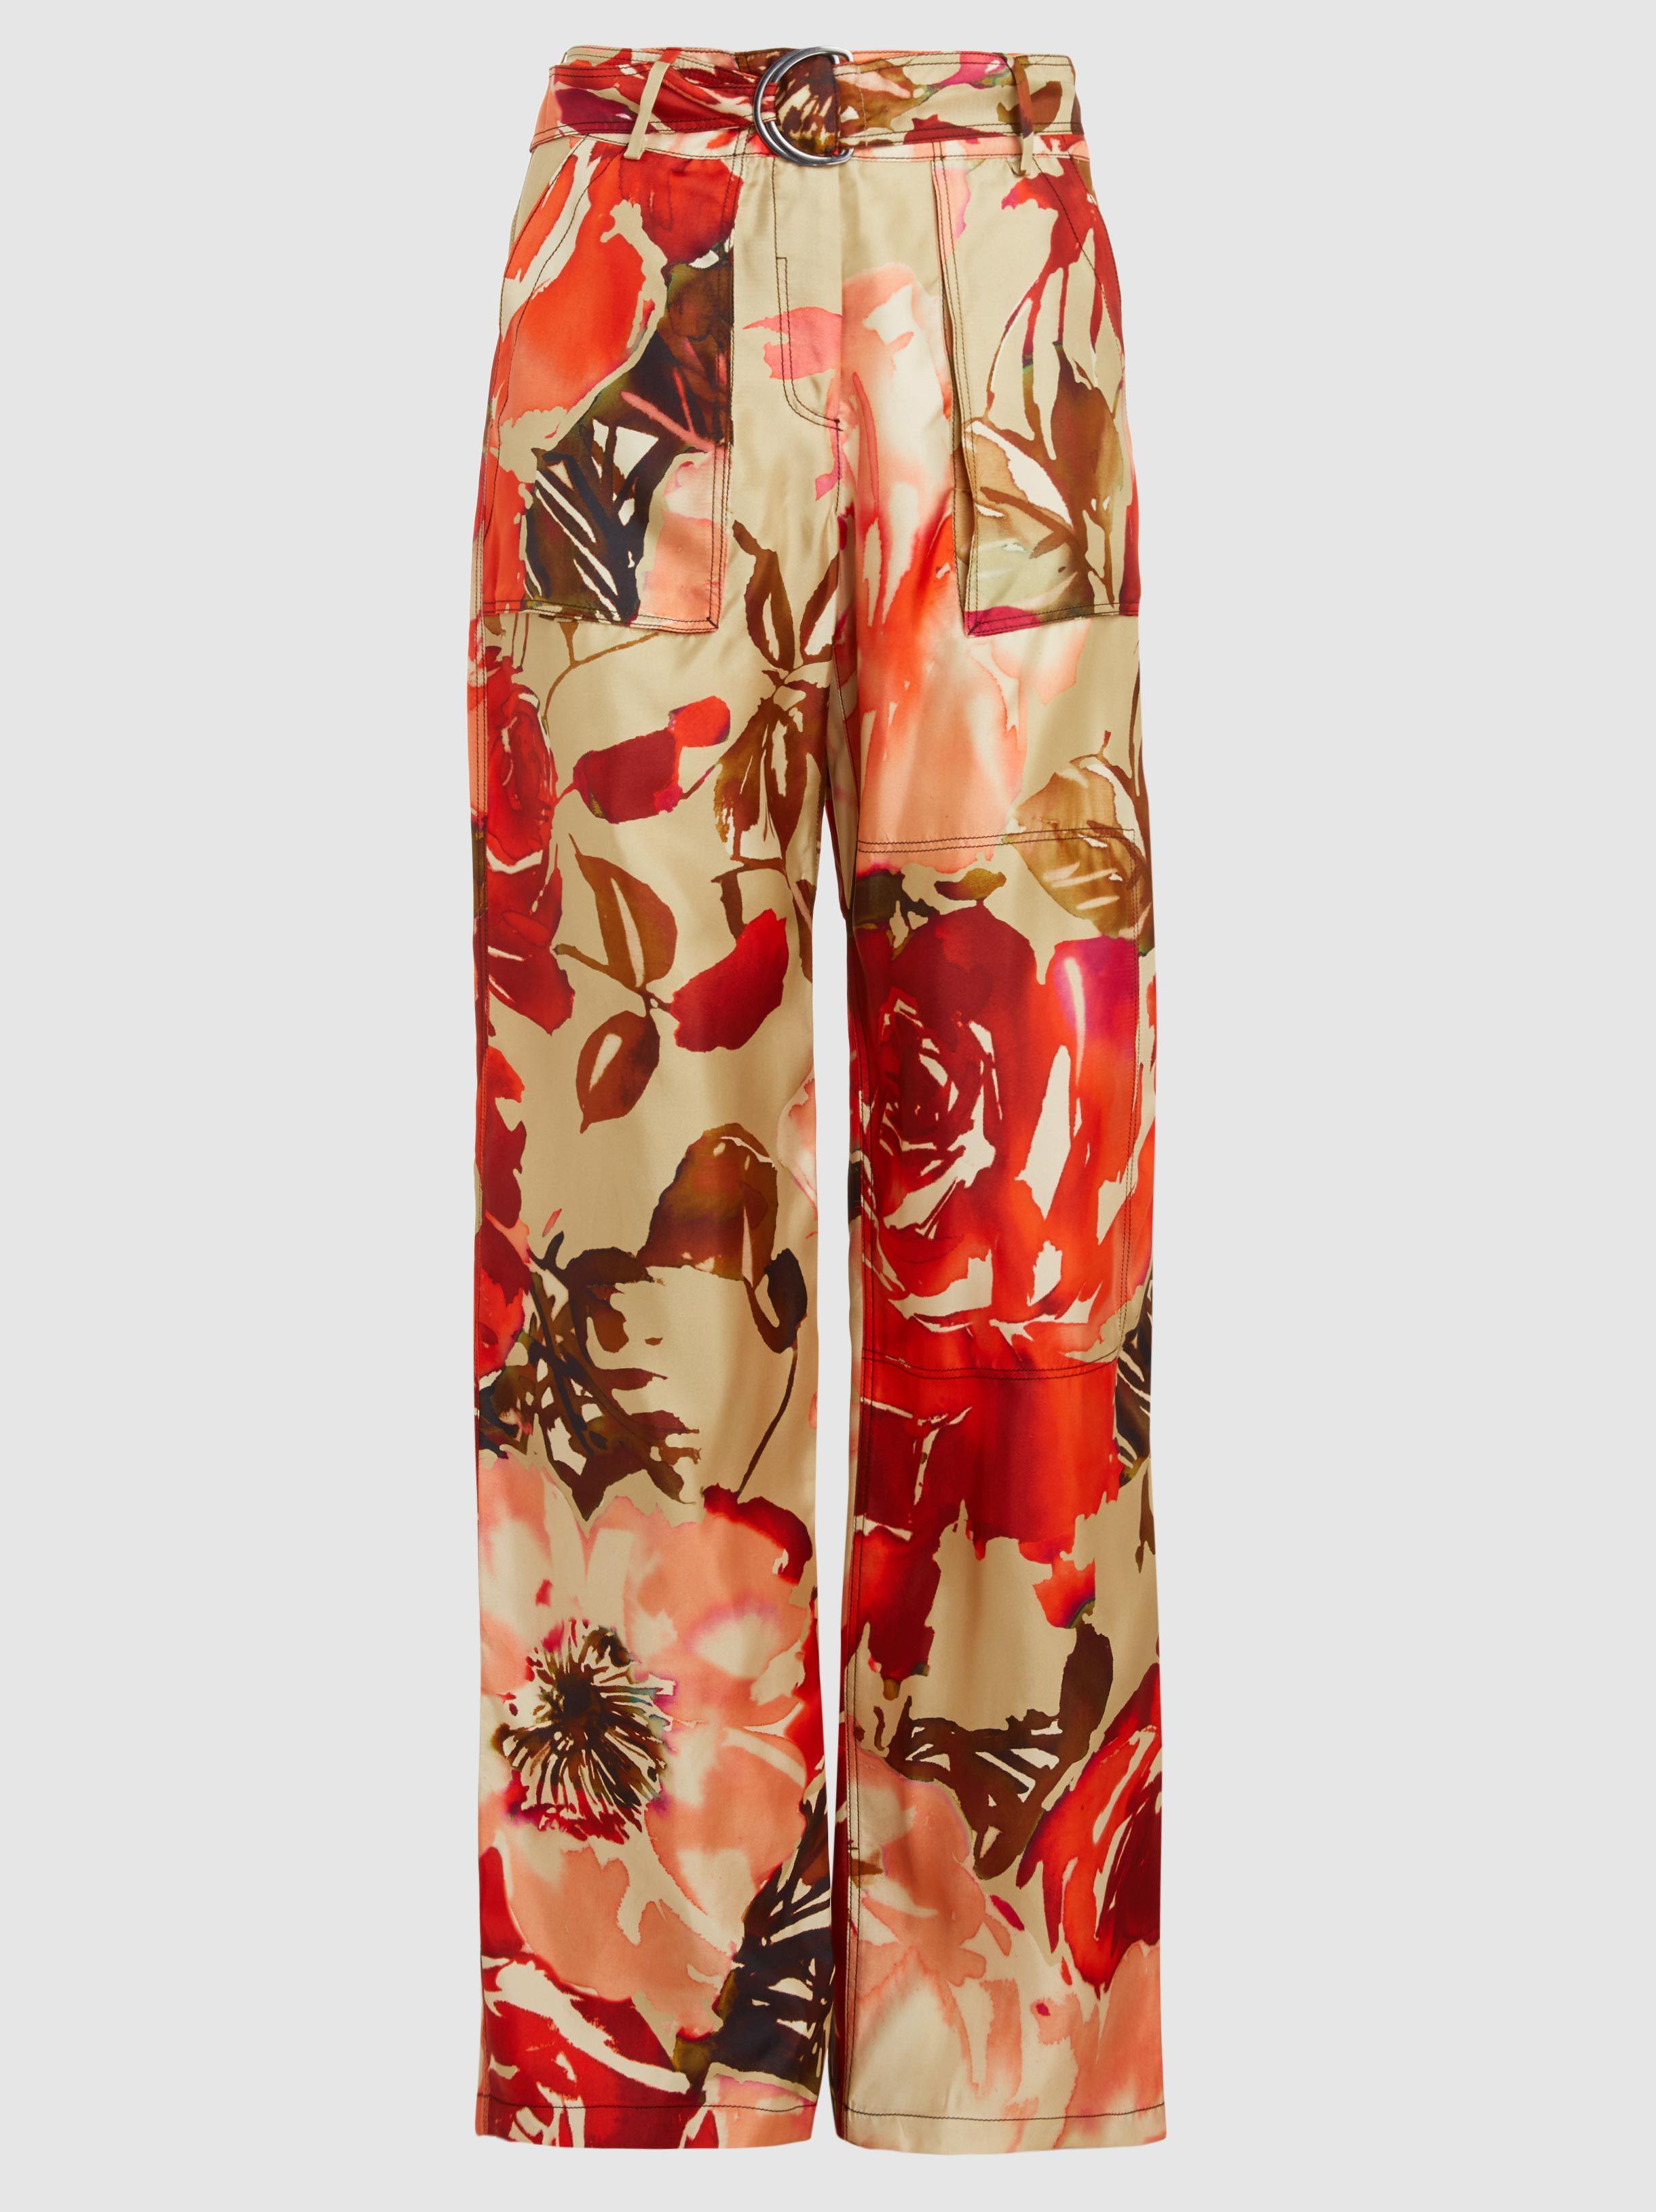 Silk Rose Print Trousers By. Soie Rose Pantalon Imprimé Par. Bonnie Young Bonnie Jeunes eitutKQ